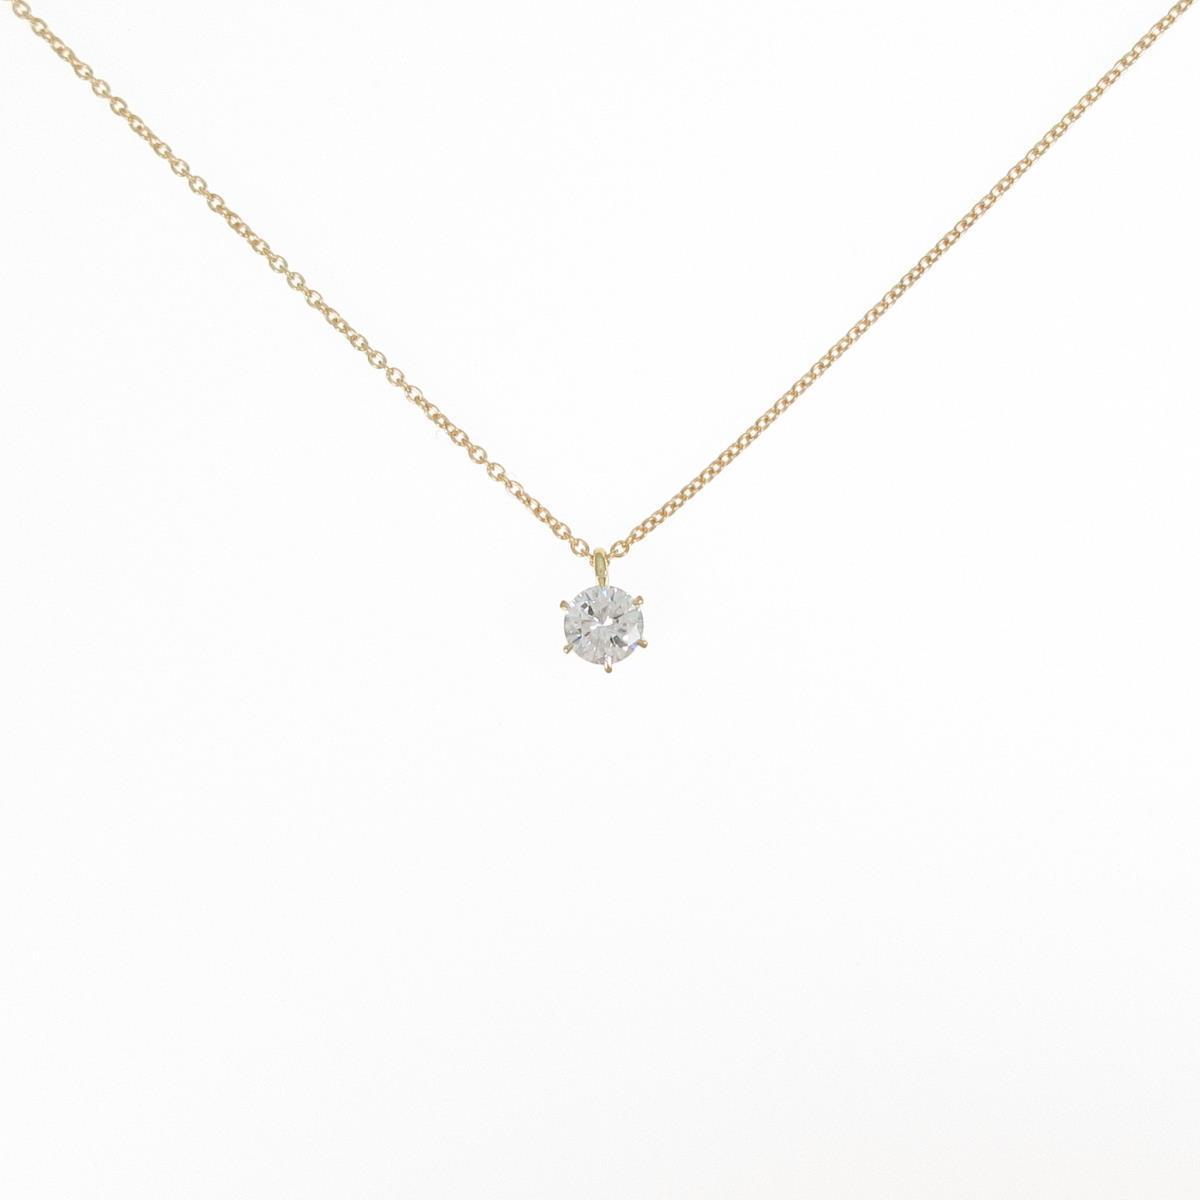 K18YG ダイヤモンドネックレス 0.296ct・H・SI1・GOOD【中古】